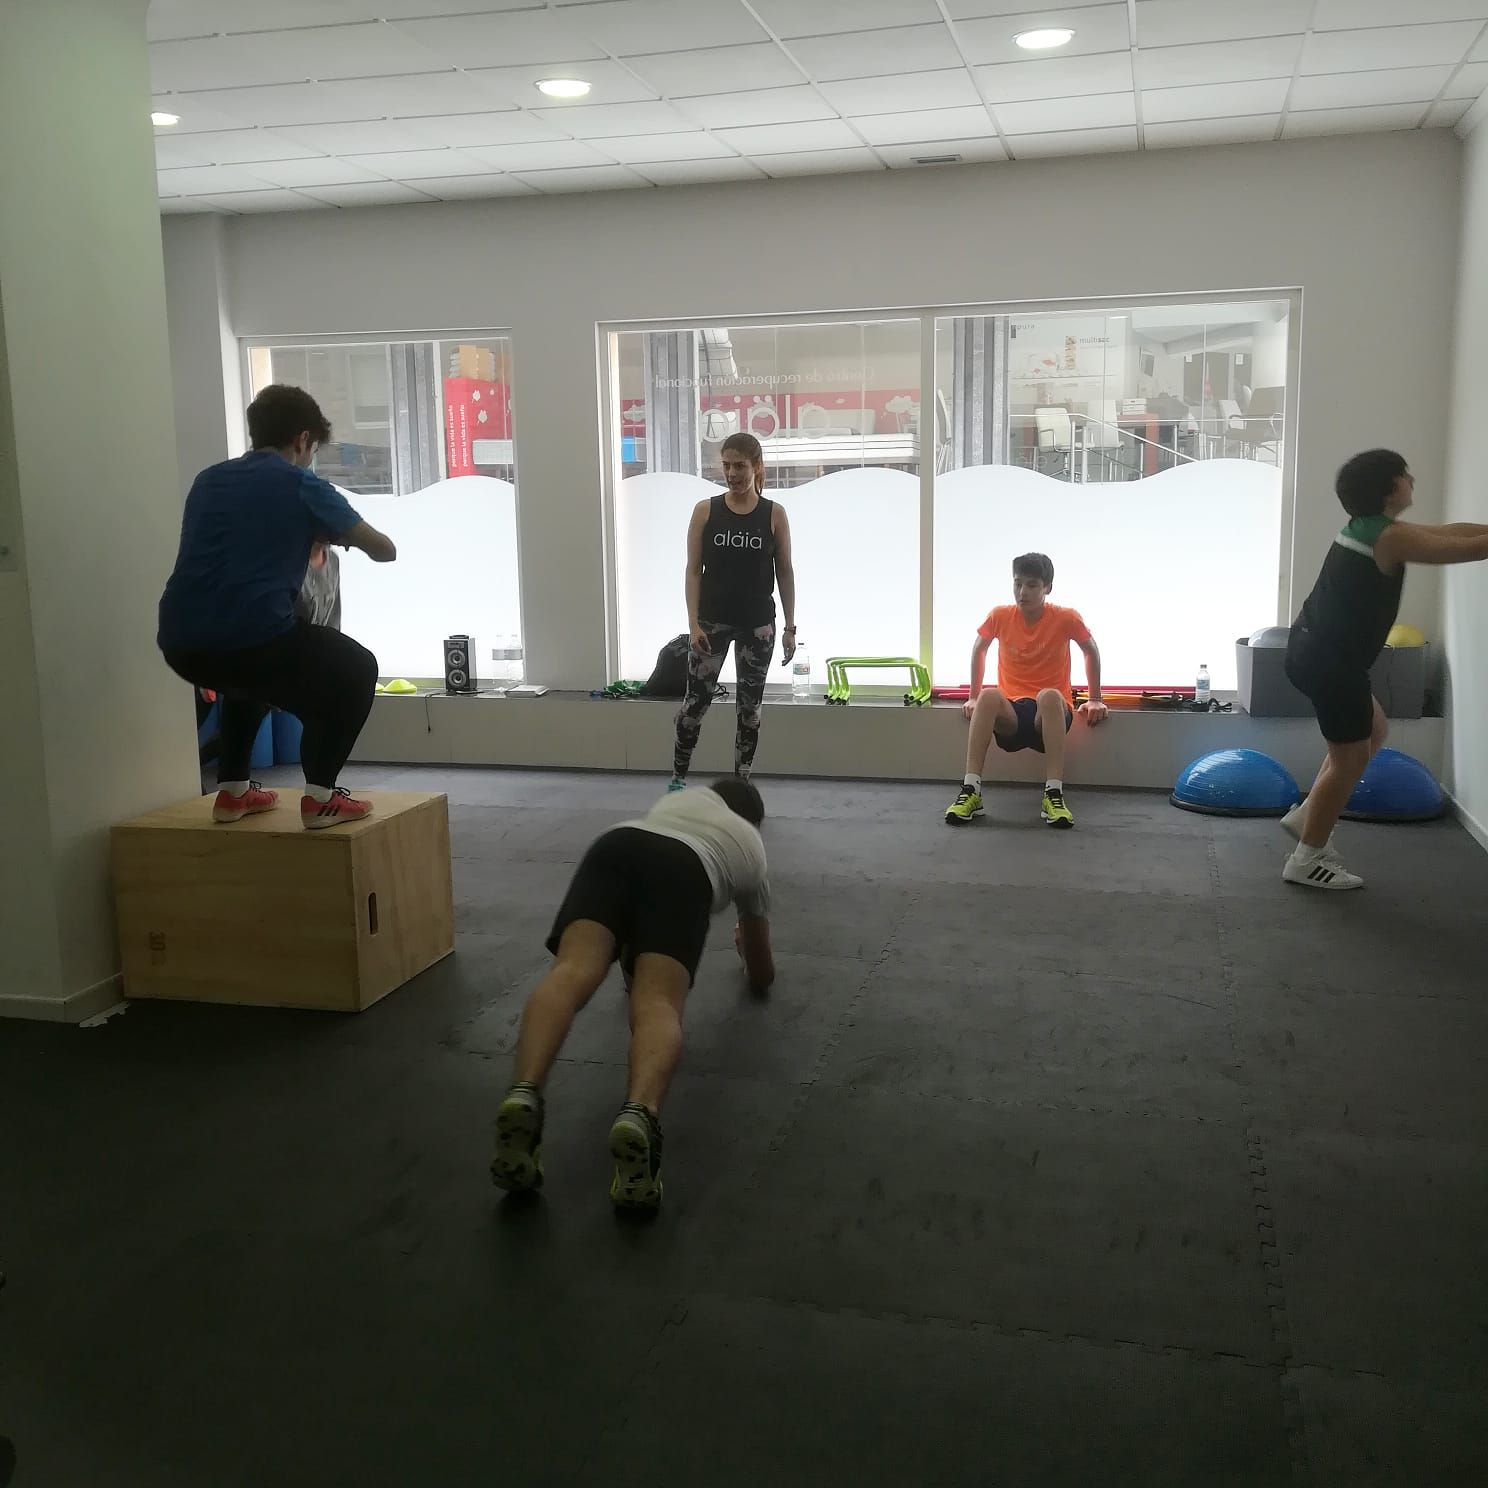 Nuestro centro está preparado para el fitness